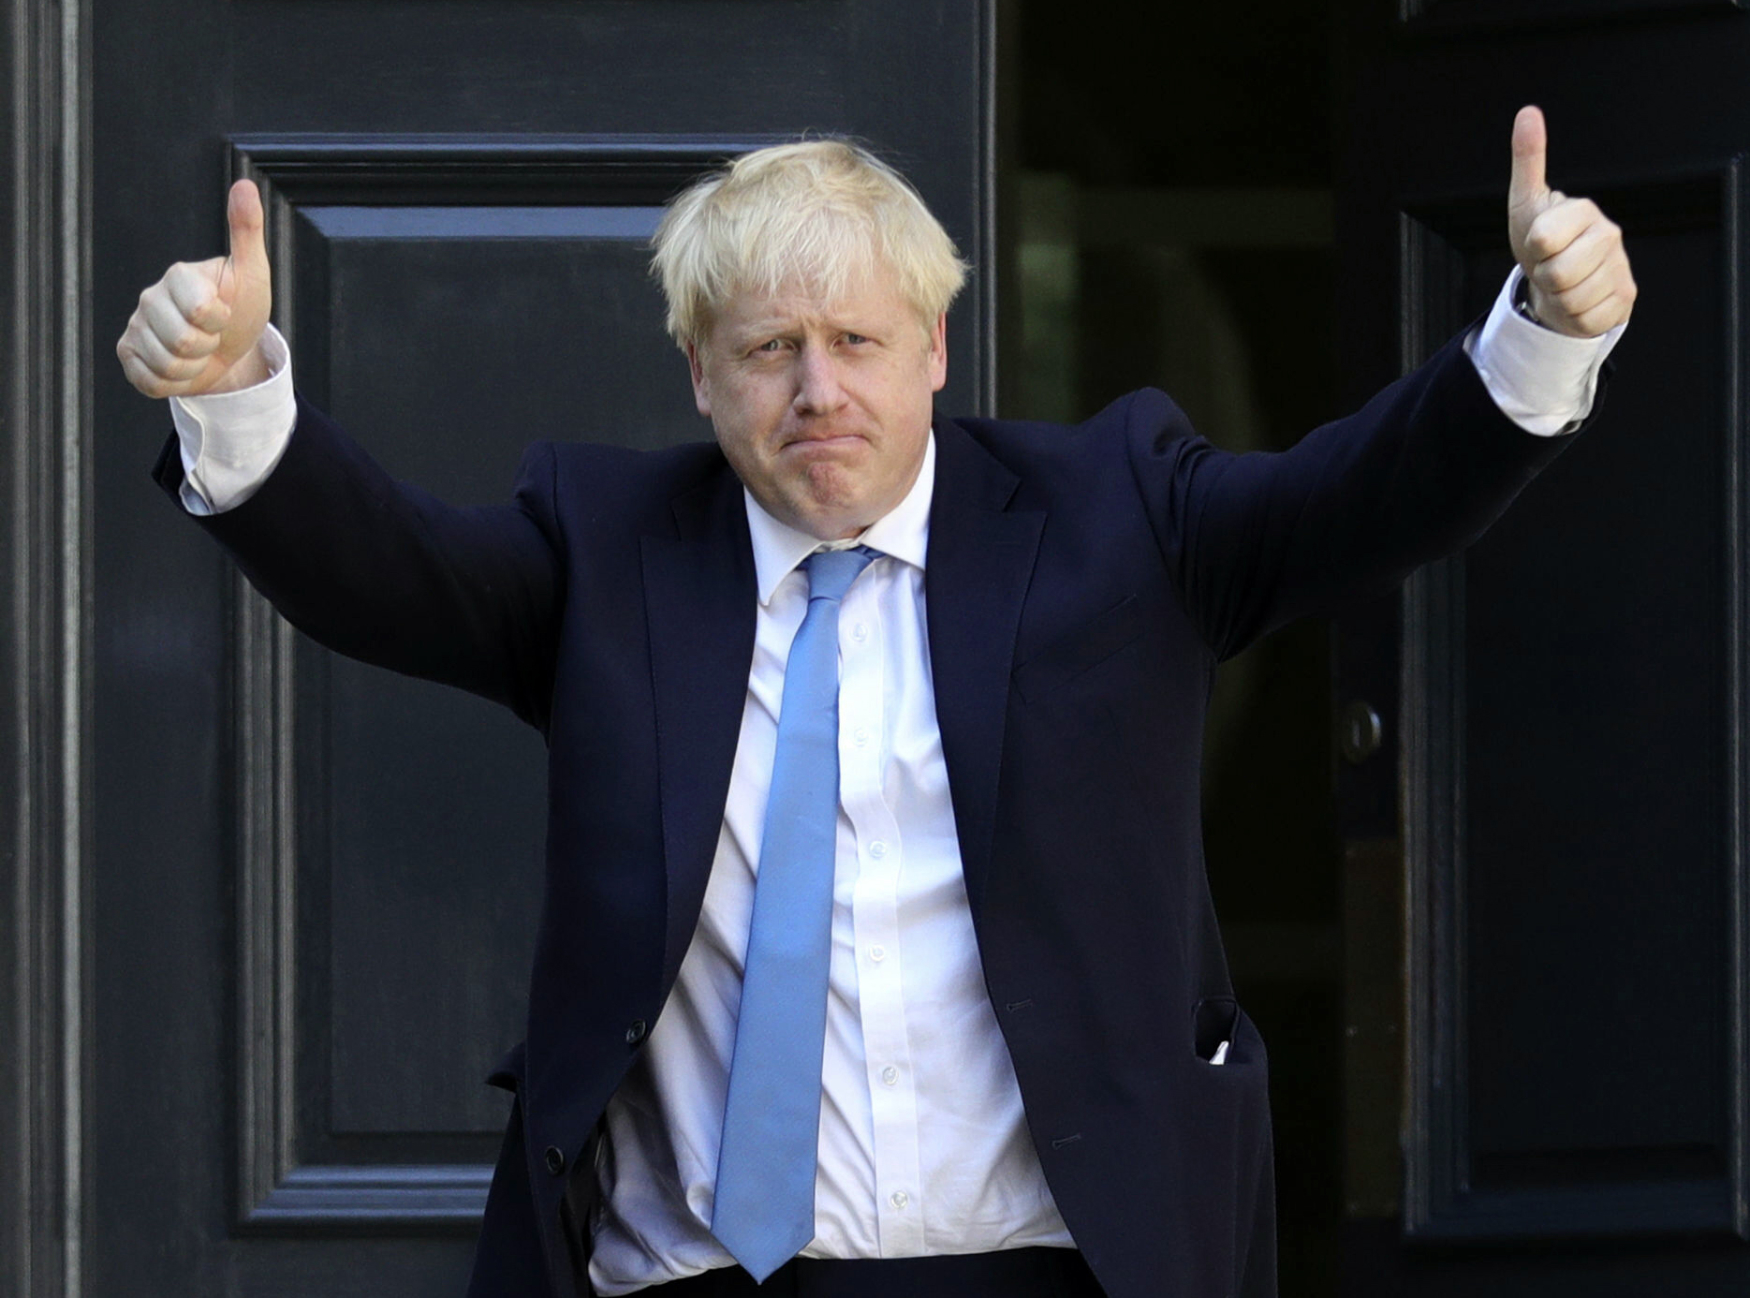 Nový vůdce britských konzervativců, bývalý londýnský primátor a neúspěšný ministr zahraničí Boris Johnson